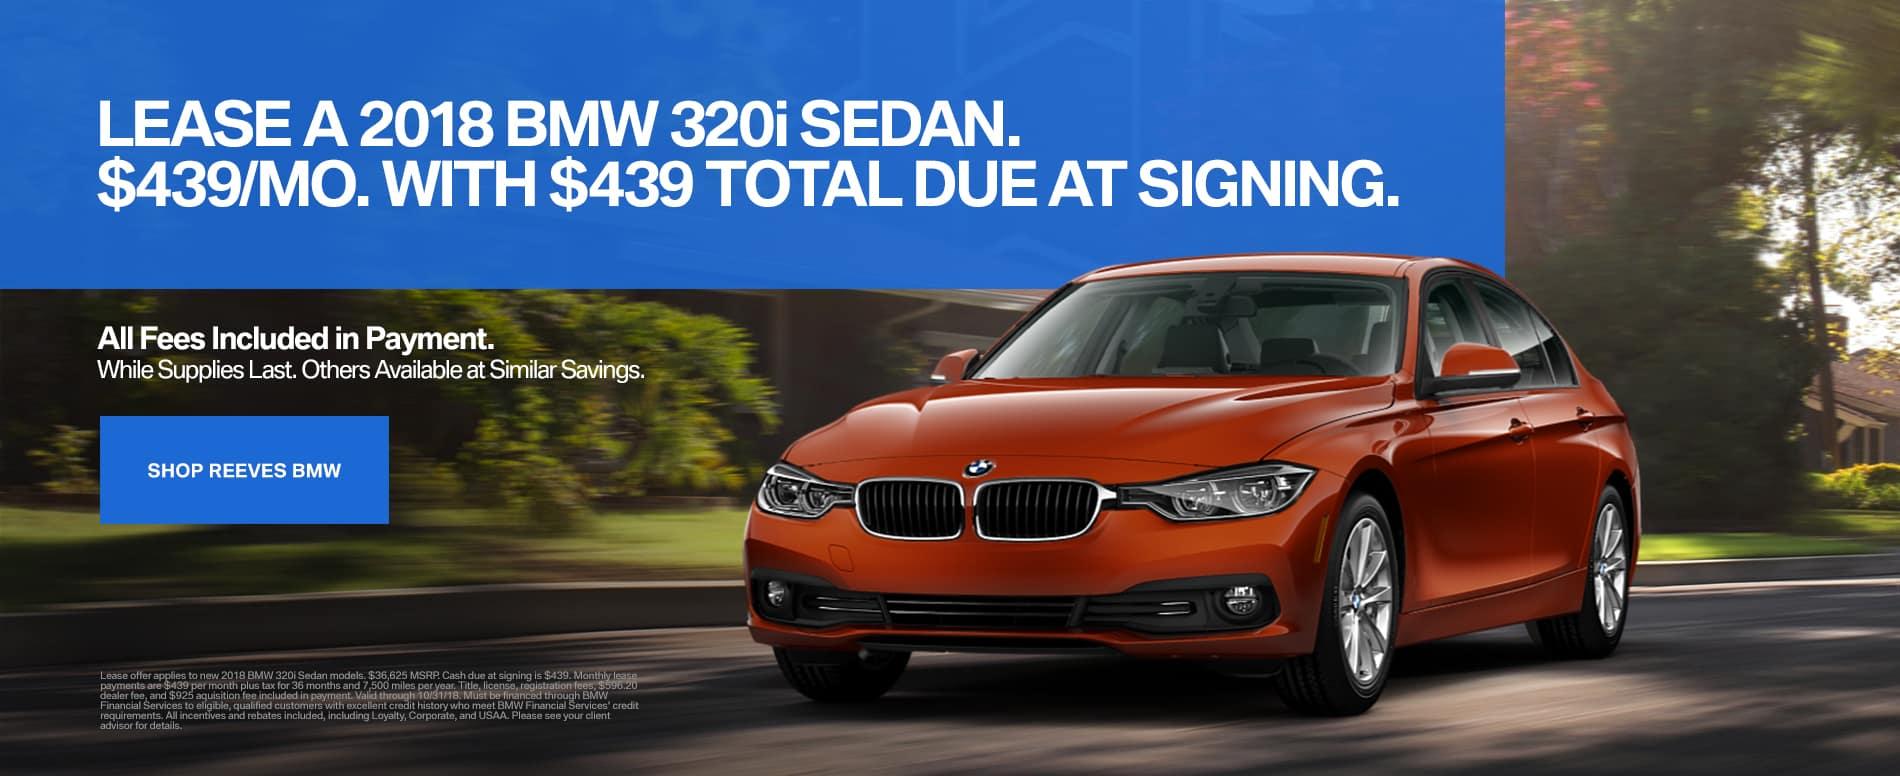 October BMW 320i Lease Offer